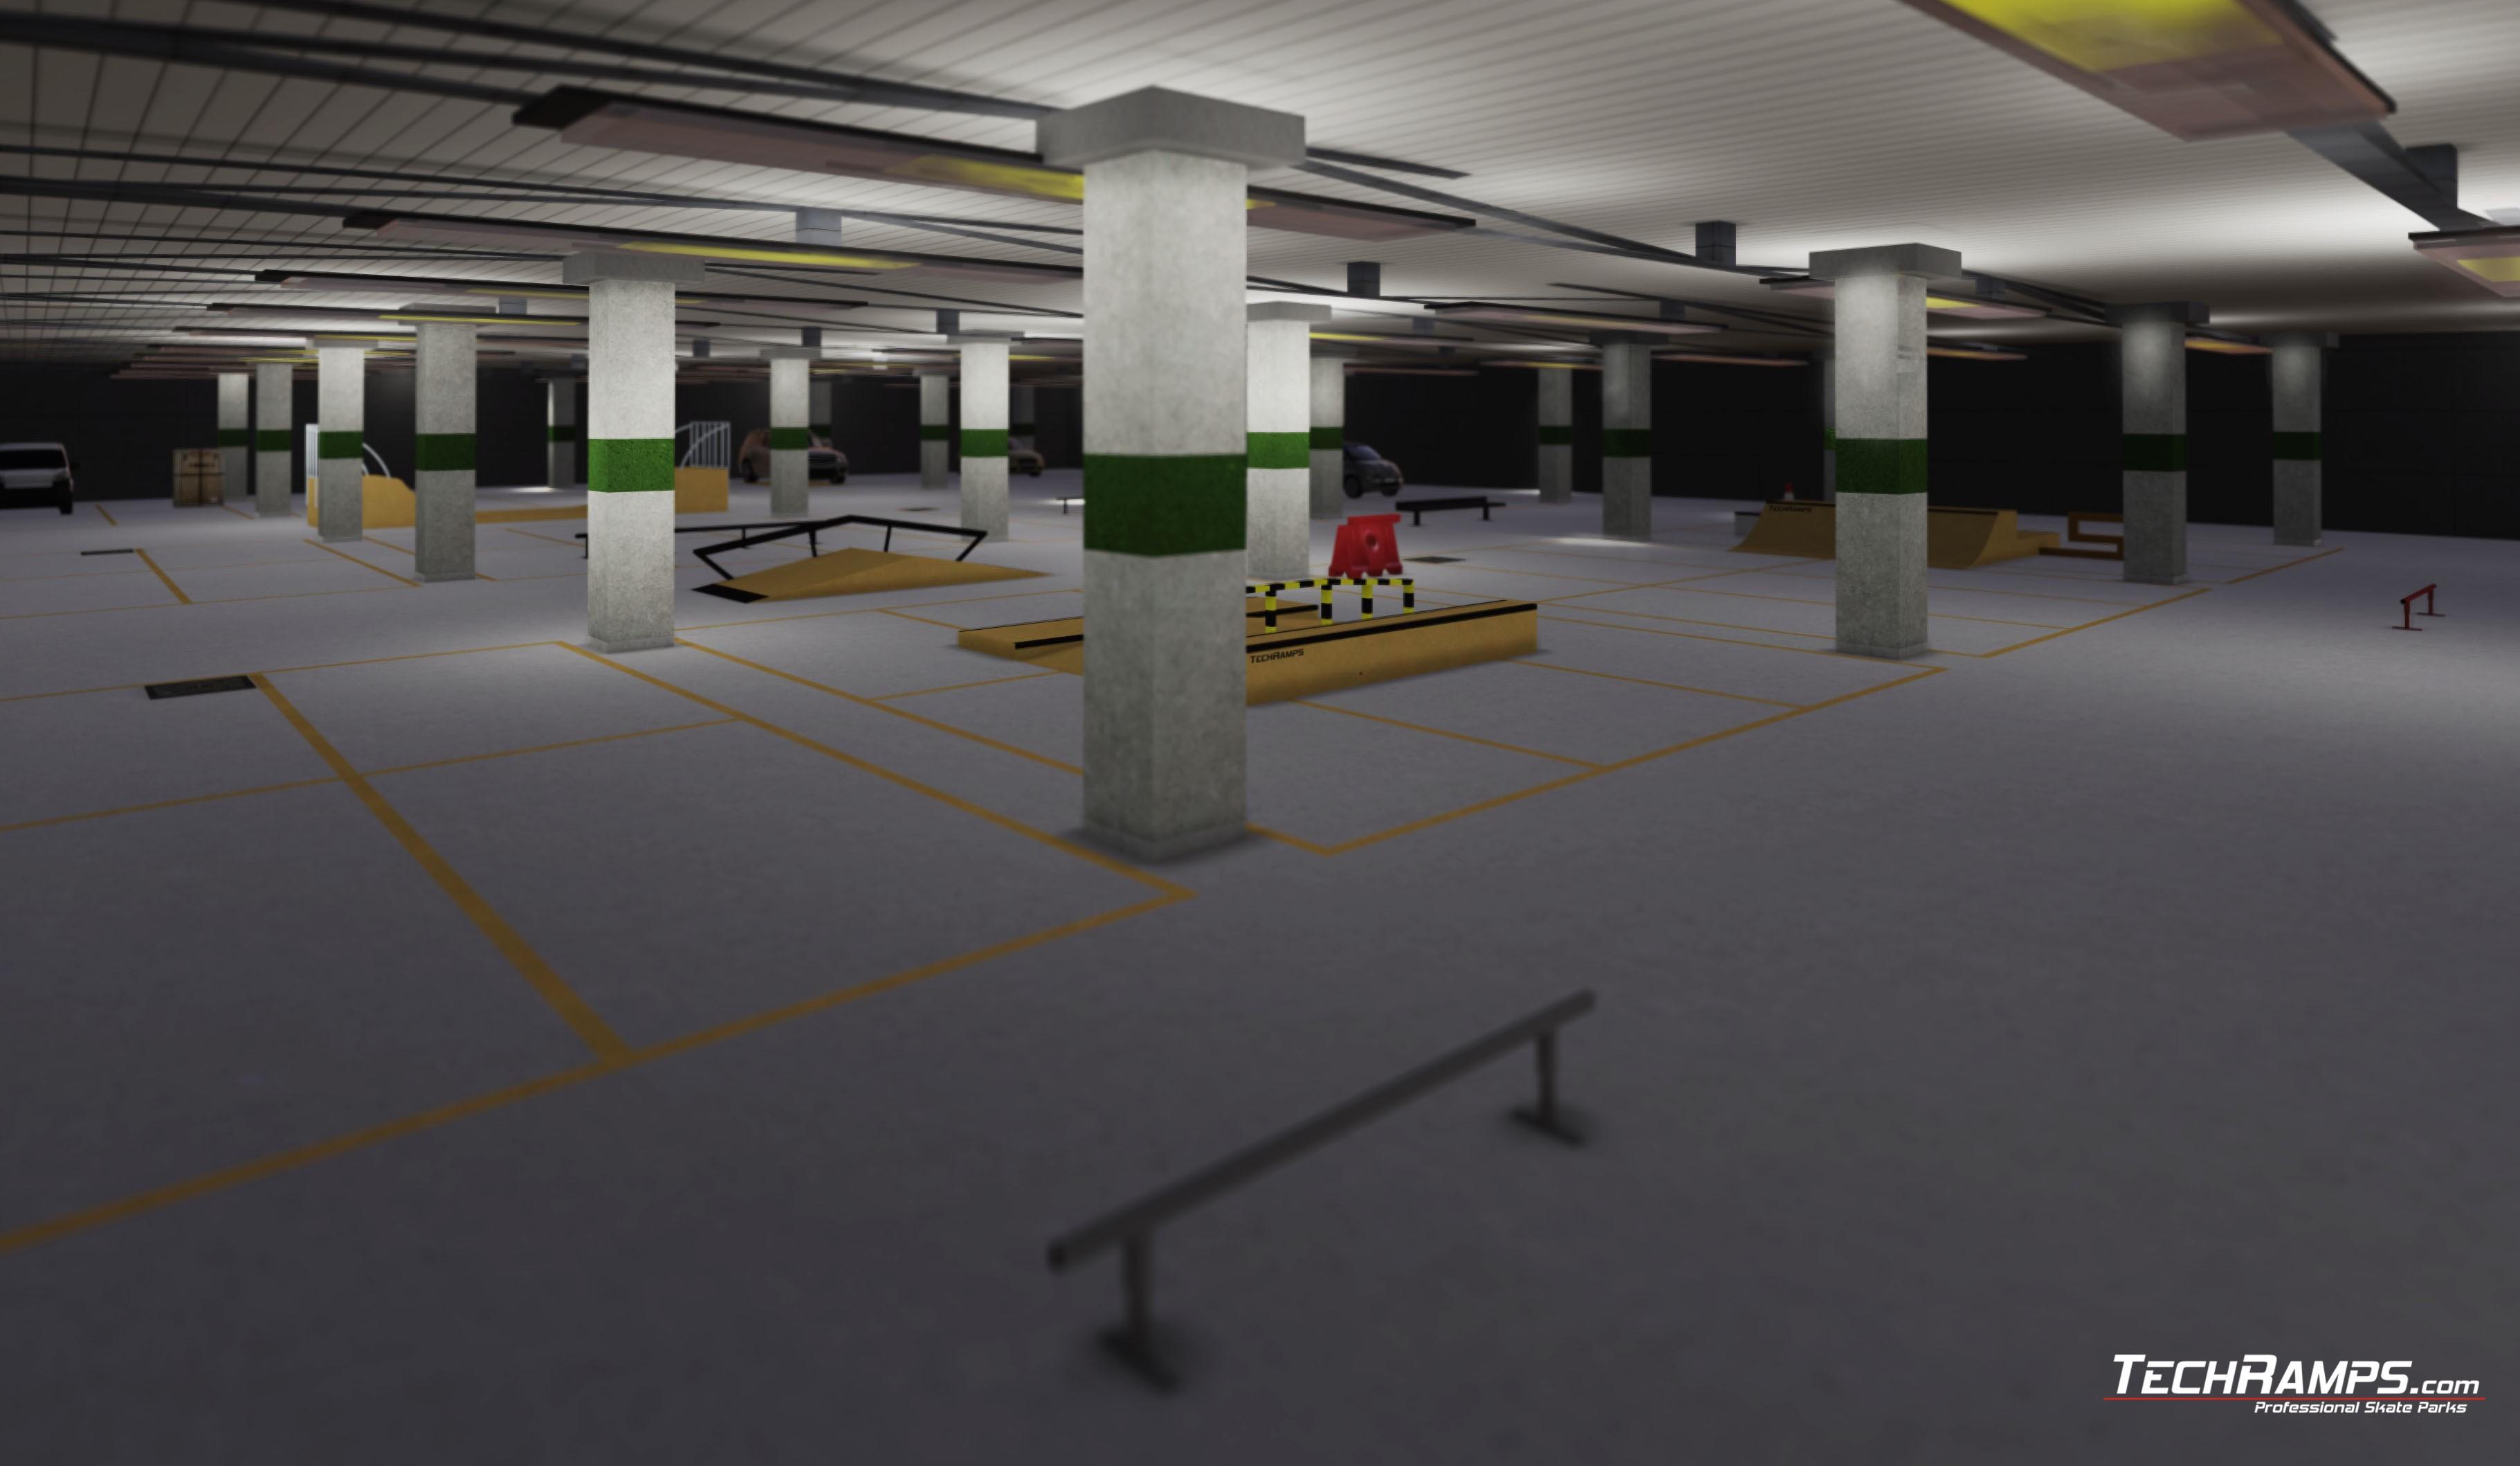 Projekt skateparku na Stadionie Narodowym Warszawa Techramps